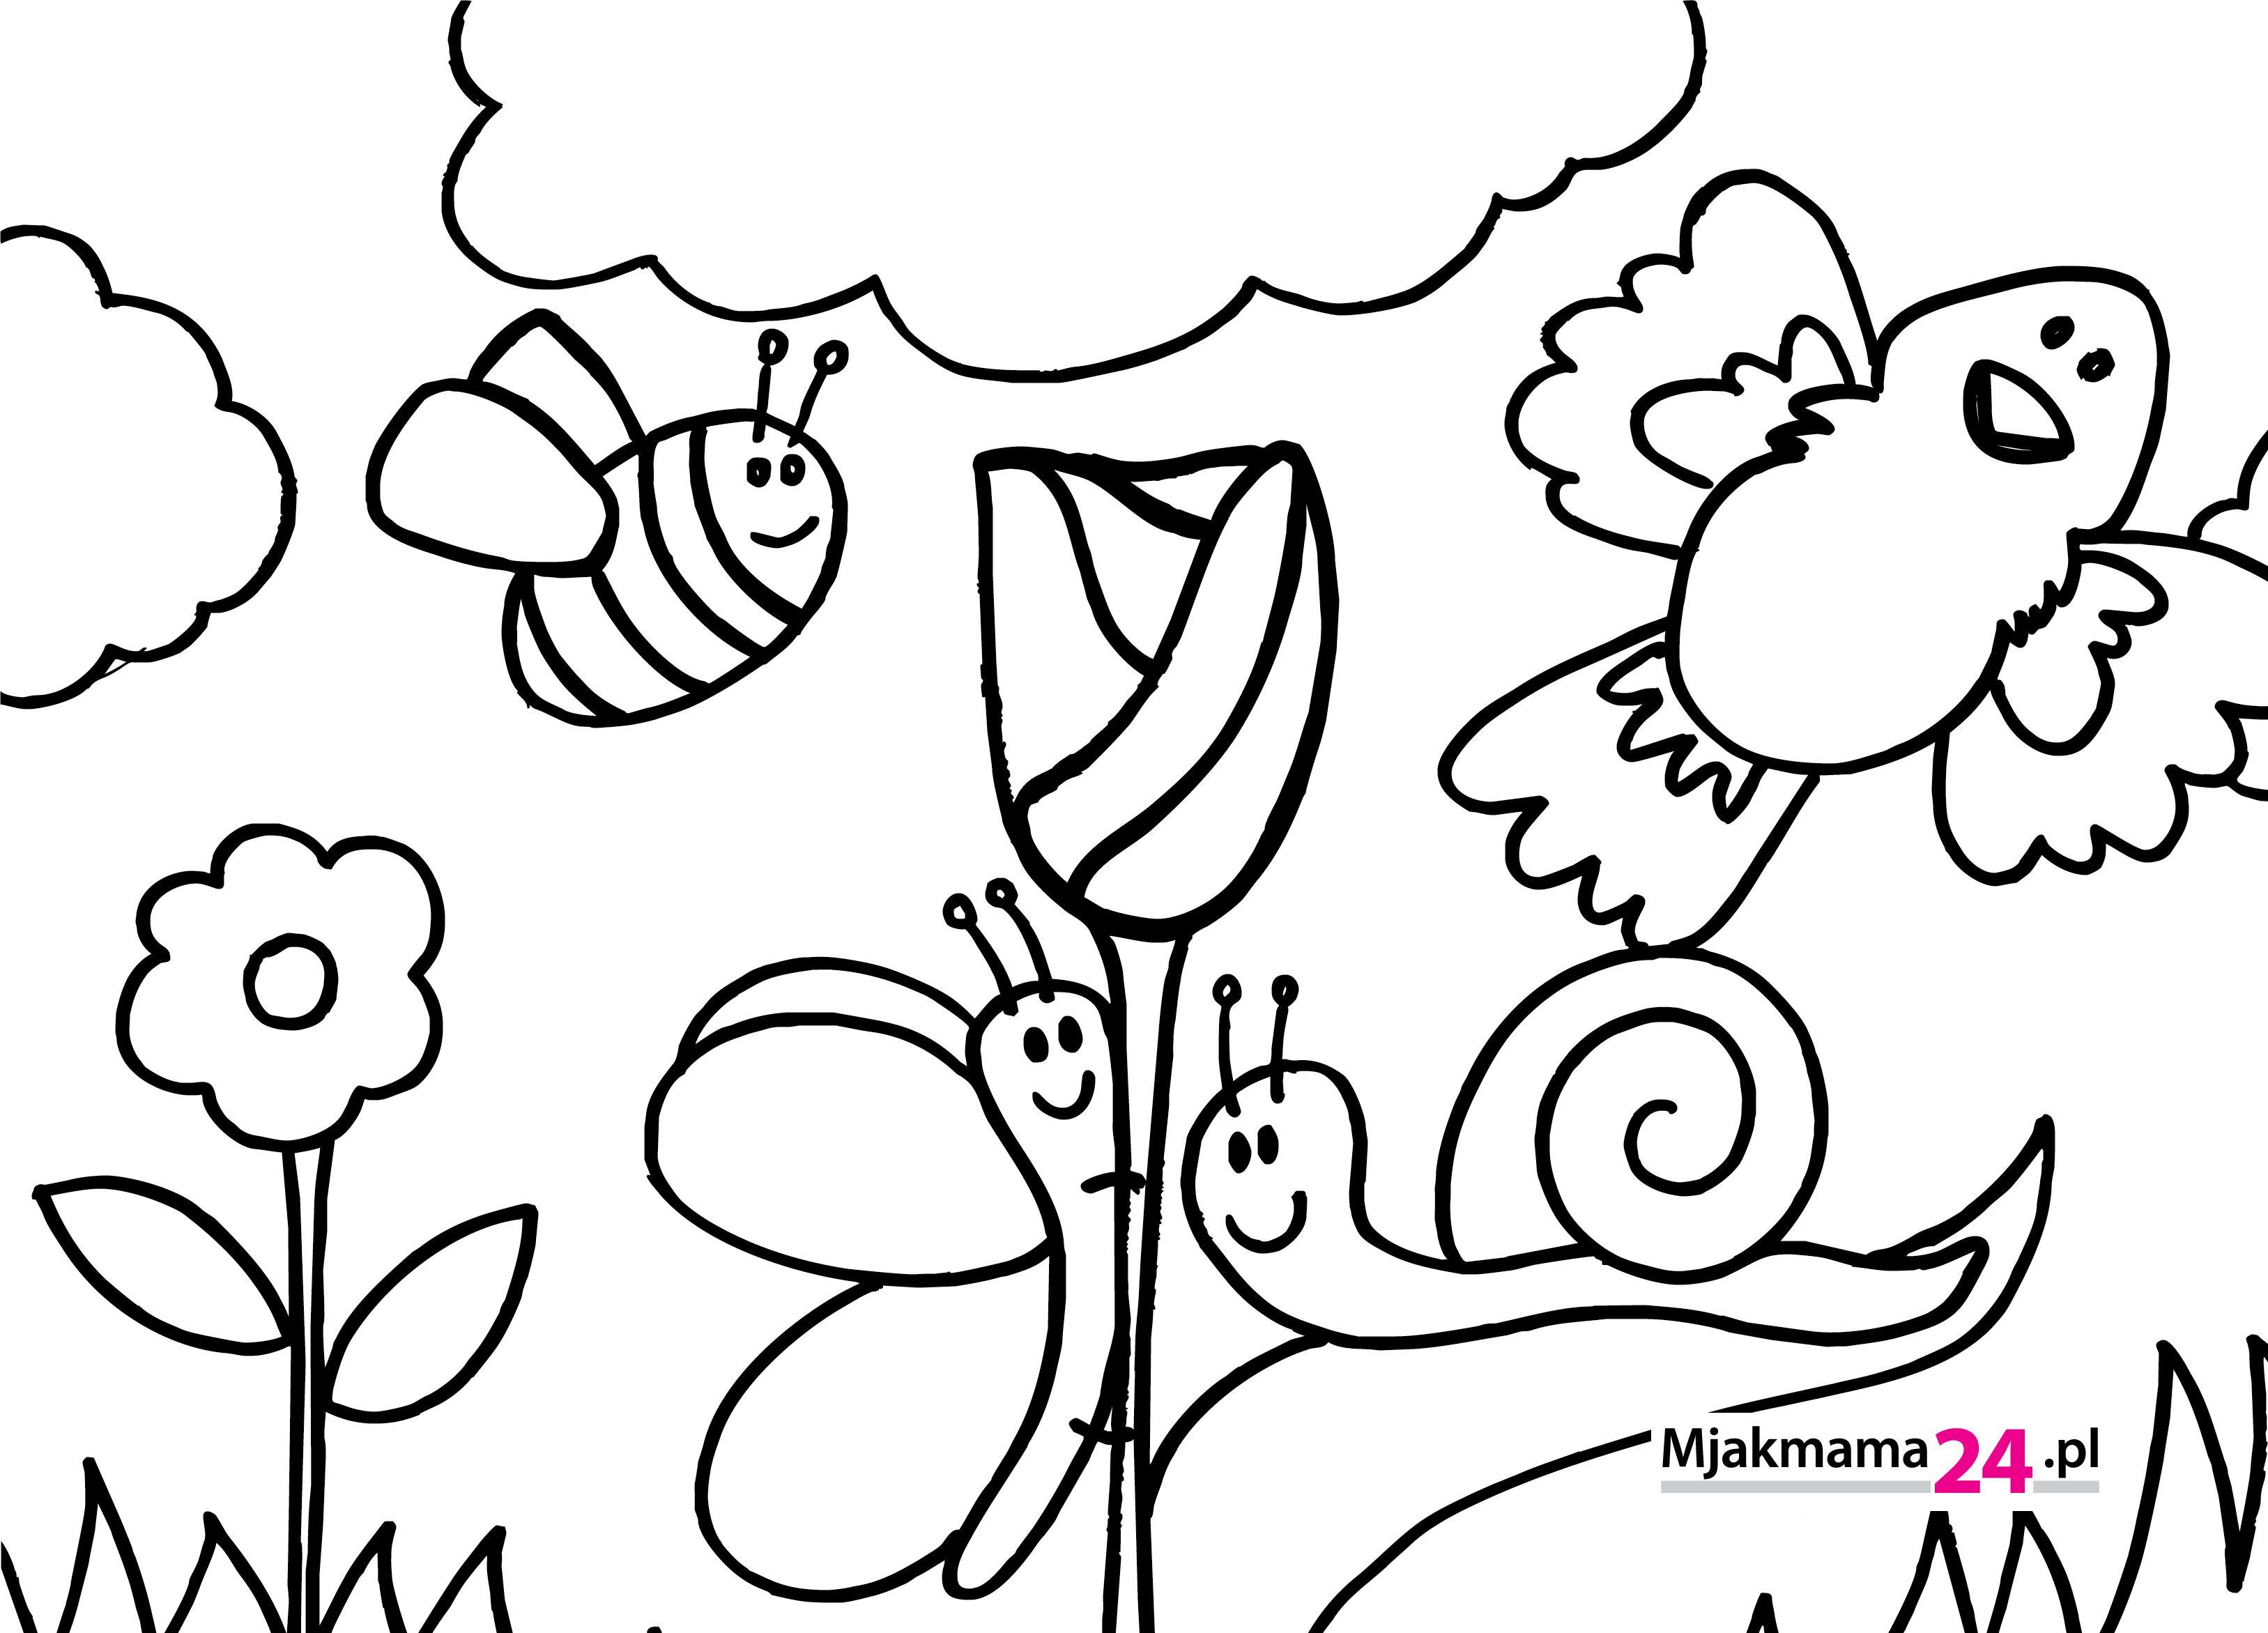 Kolorowanki Do Wydrukowania Specjalnie Na Wiosne Mjakmama Pl